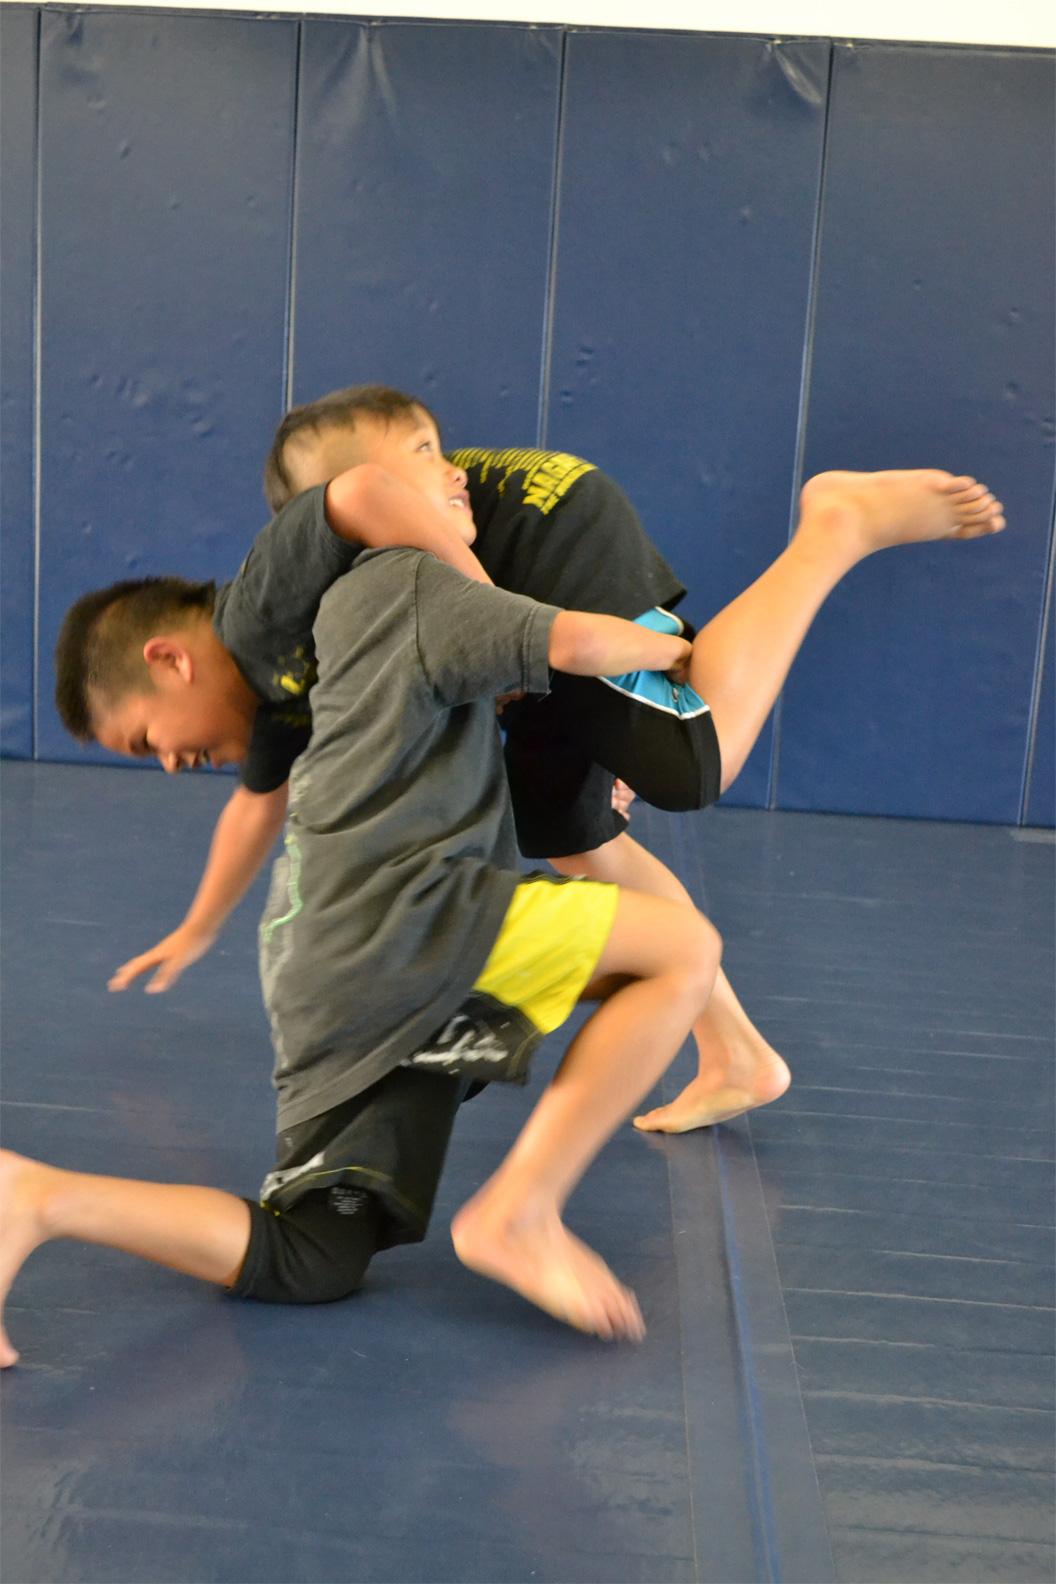 Fun Fighting Kids Images